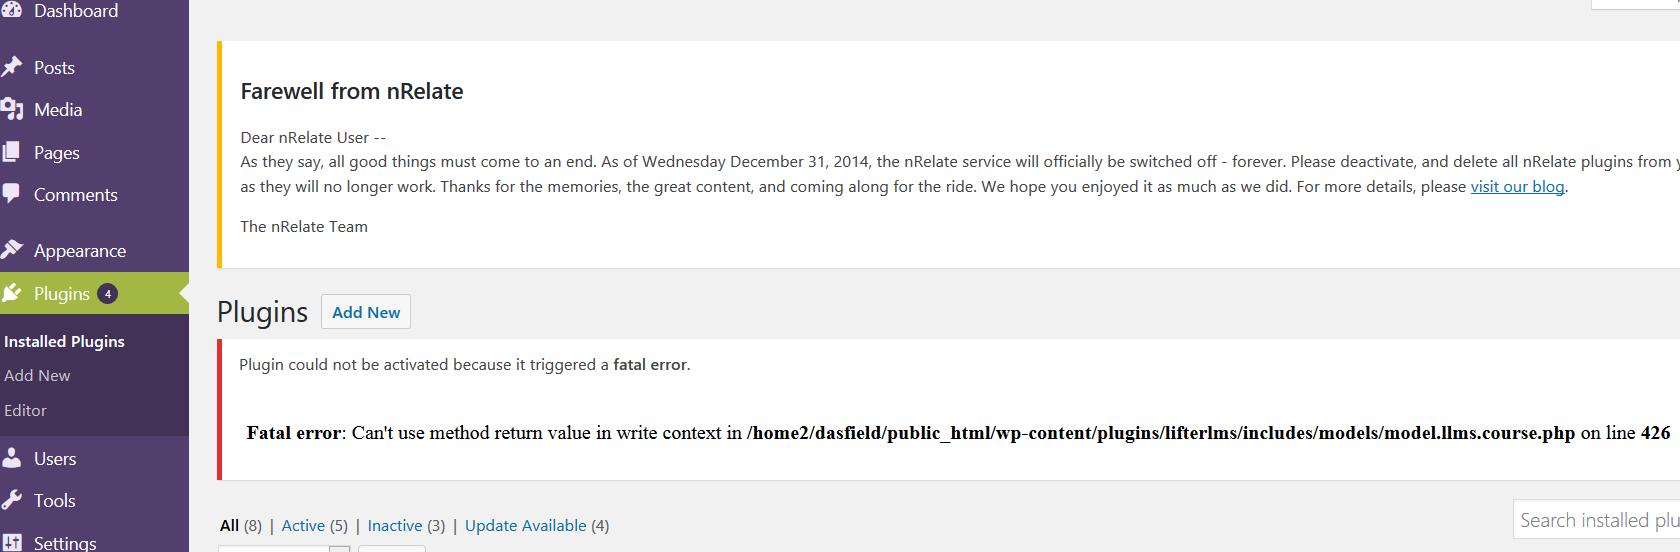 Error message in WordPress dashboard